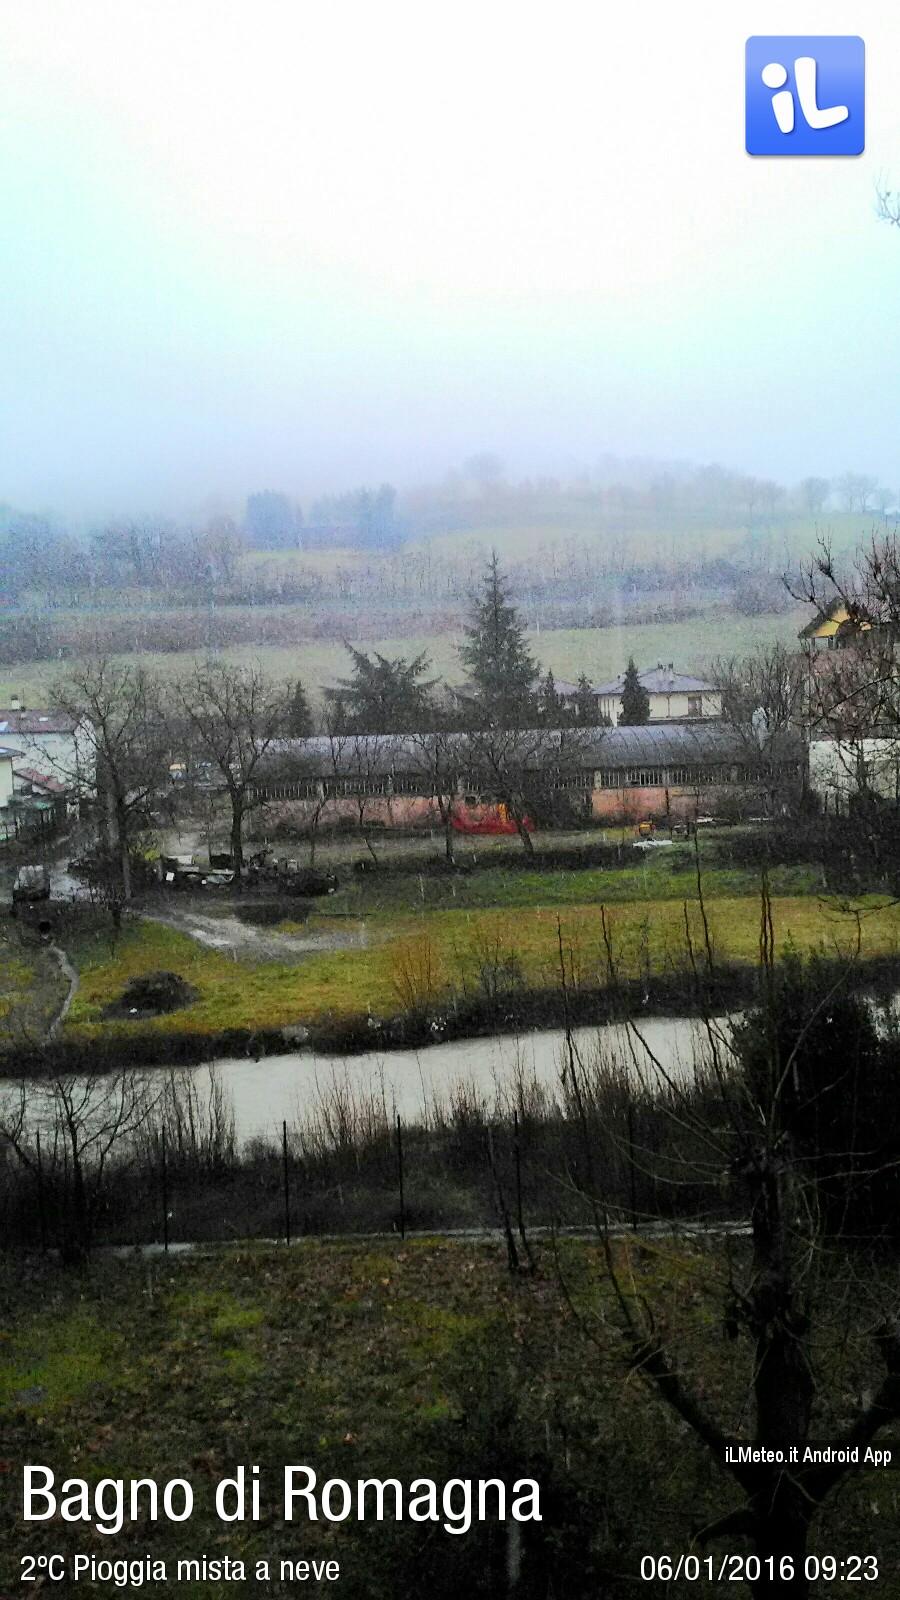 Foto meteo - Bagno di Romagna - Bagno di Romagna ore 9:23 » ILMETEO.it